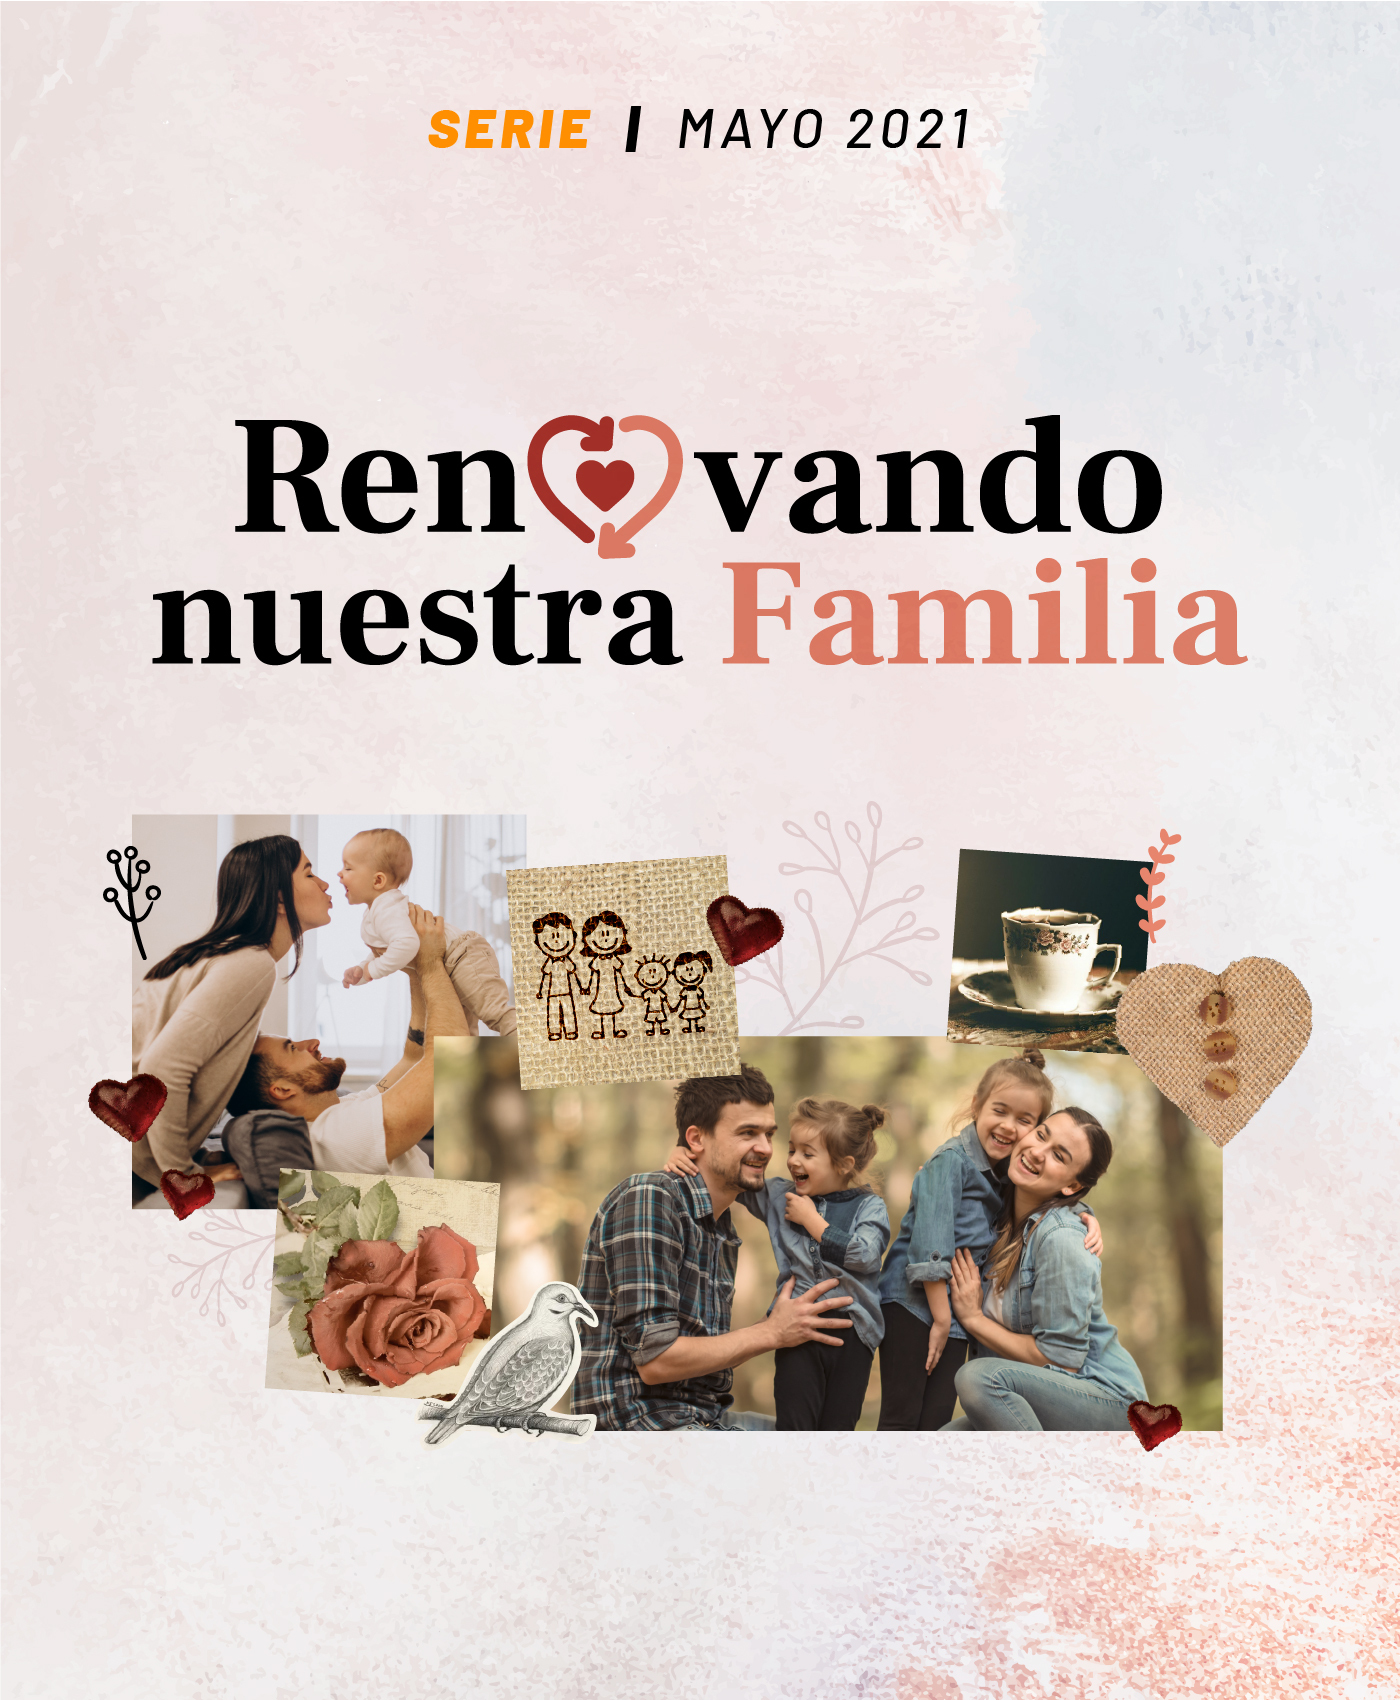 Renovando nuestra Familia